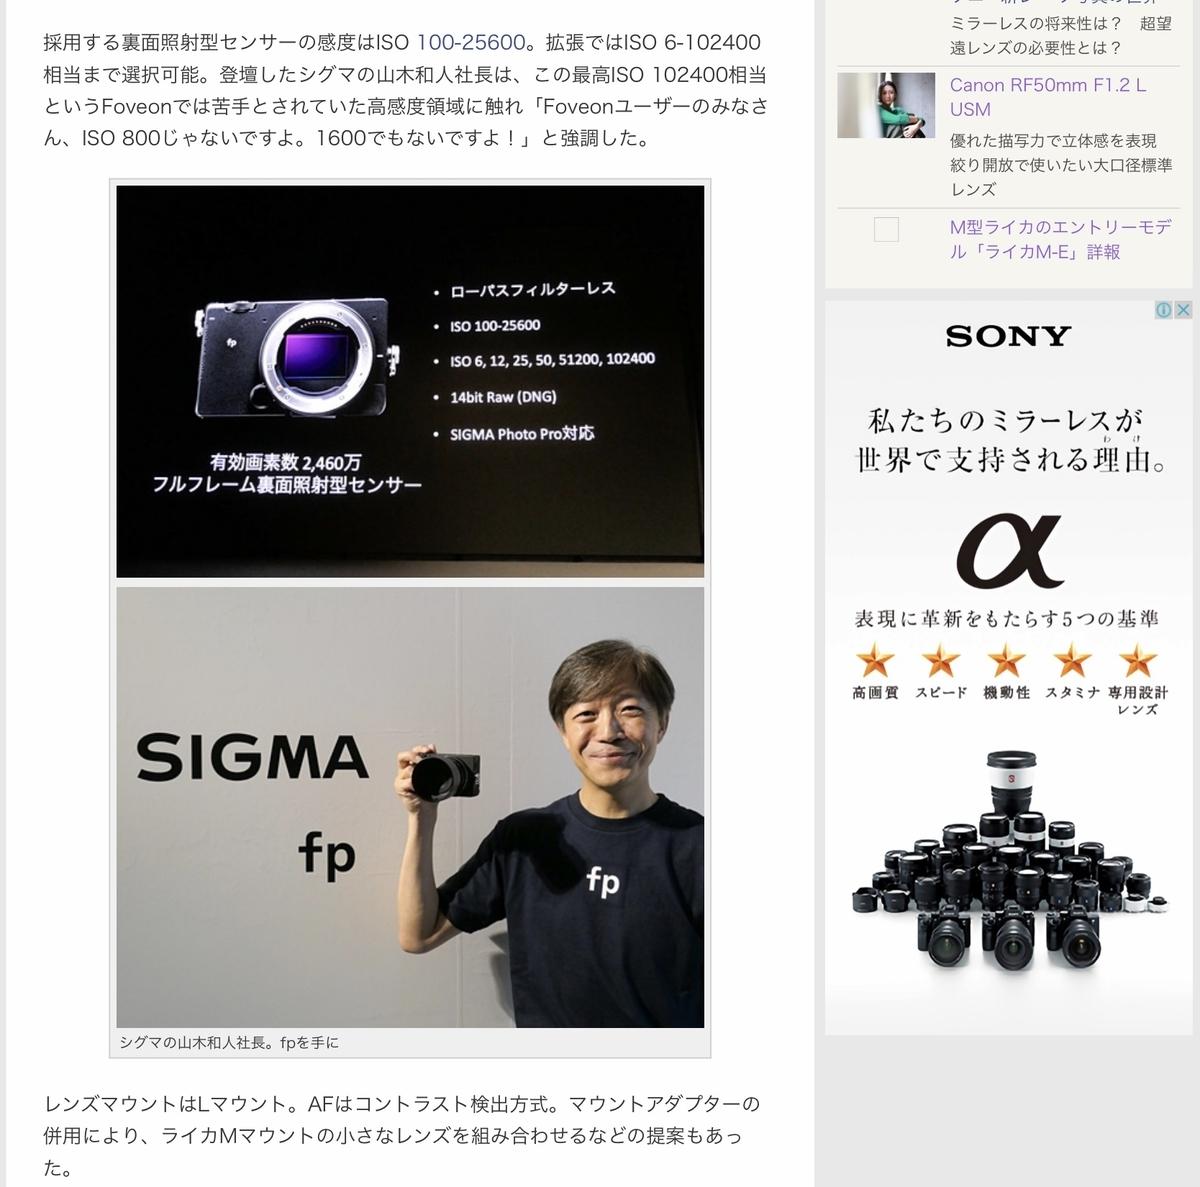 f:id:yujiro-1:20190722044654j:plain